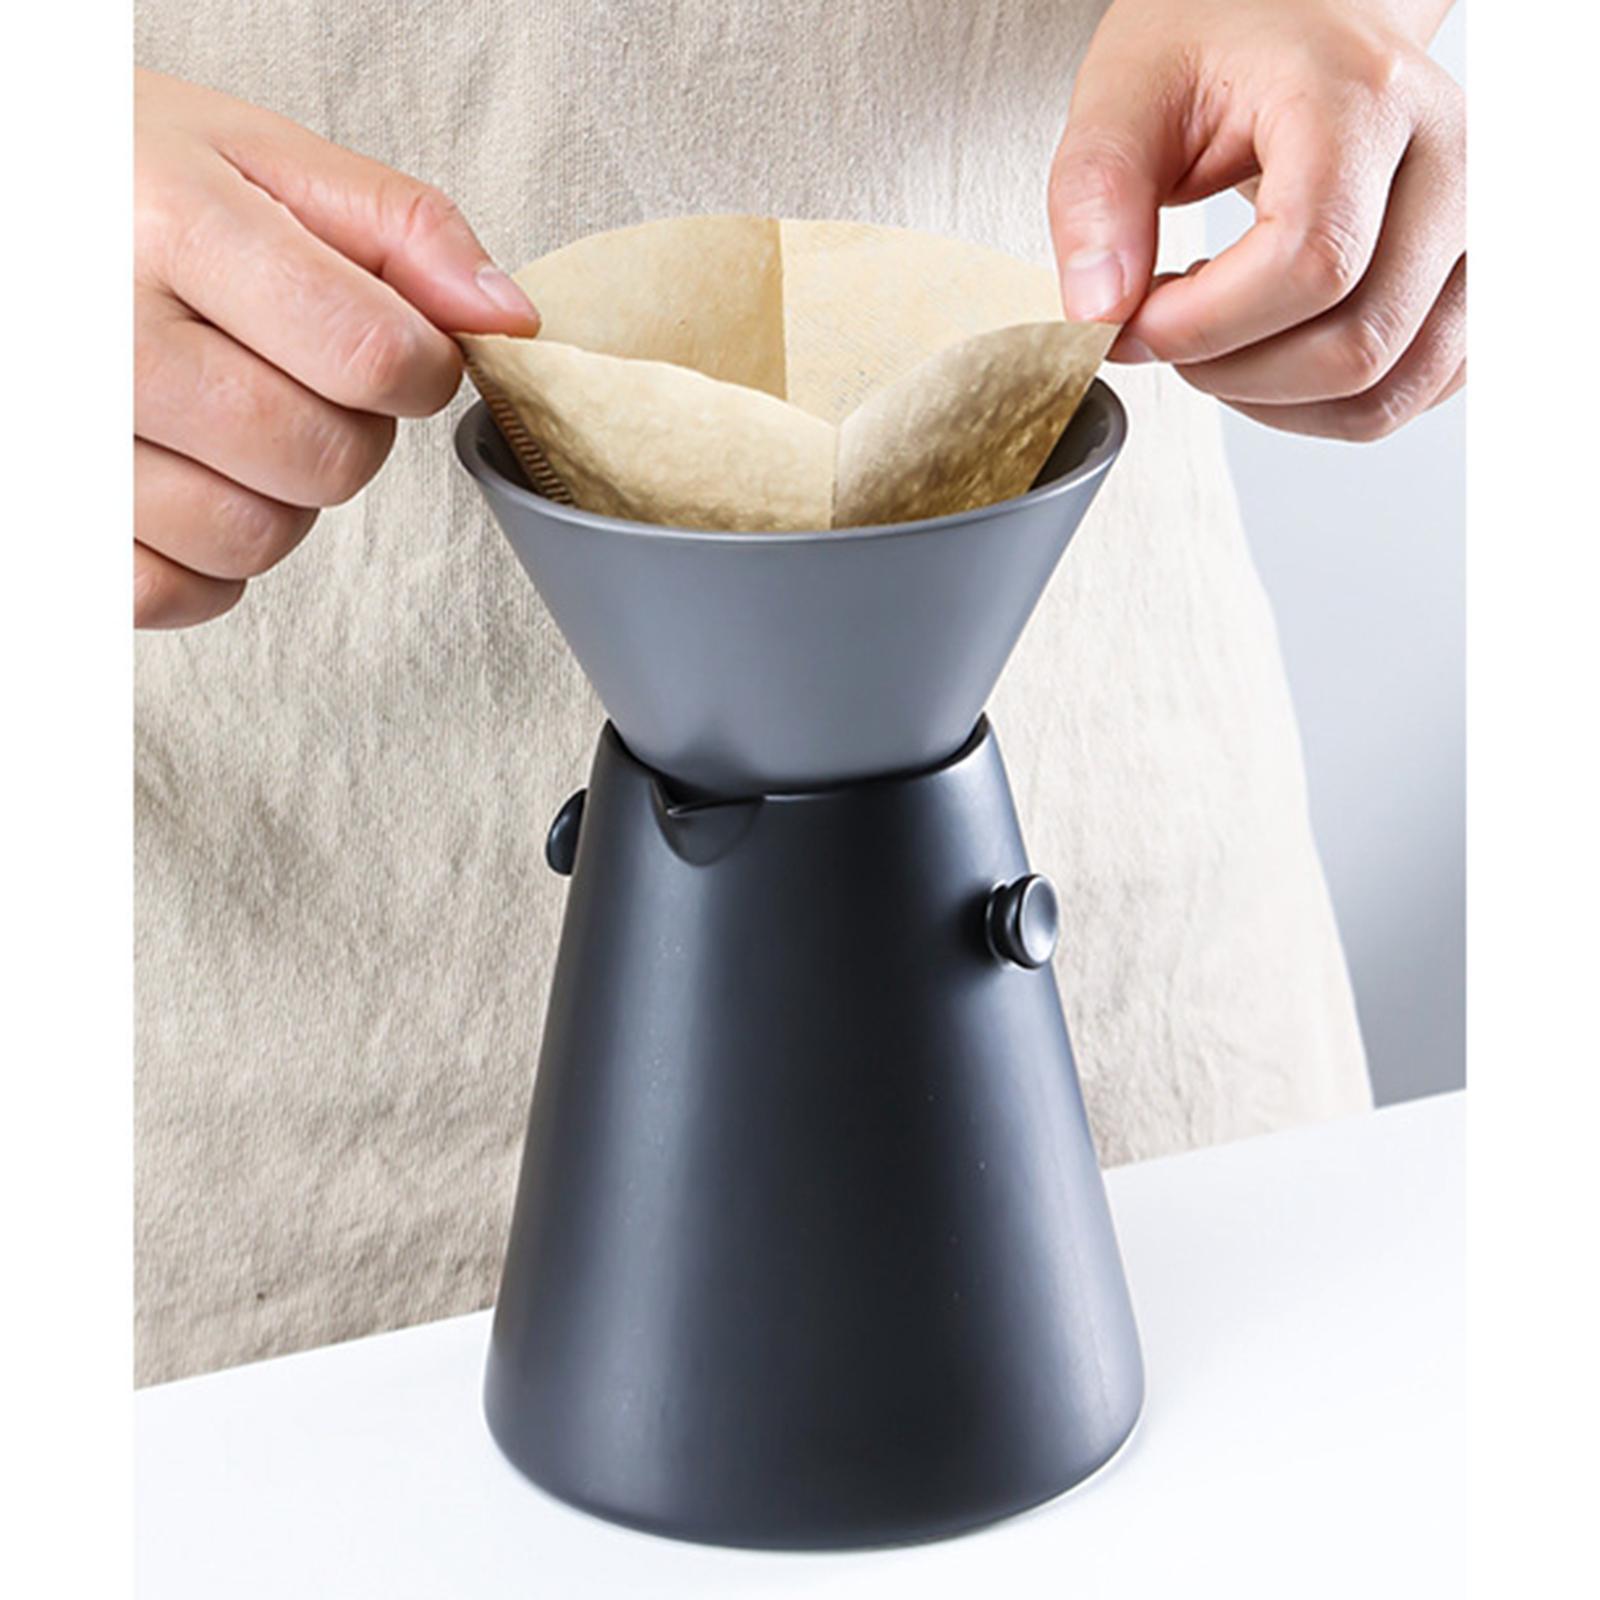 miniature 26 - Part-des-menages-Goutte-A-Goutte-Cafe-Verser-Sur-Cafe-Fabricant-Anti-goutte